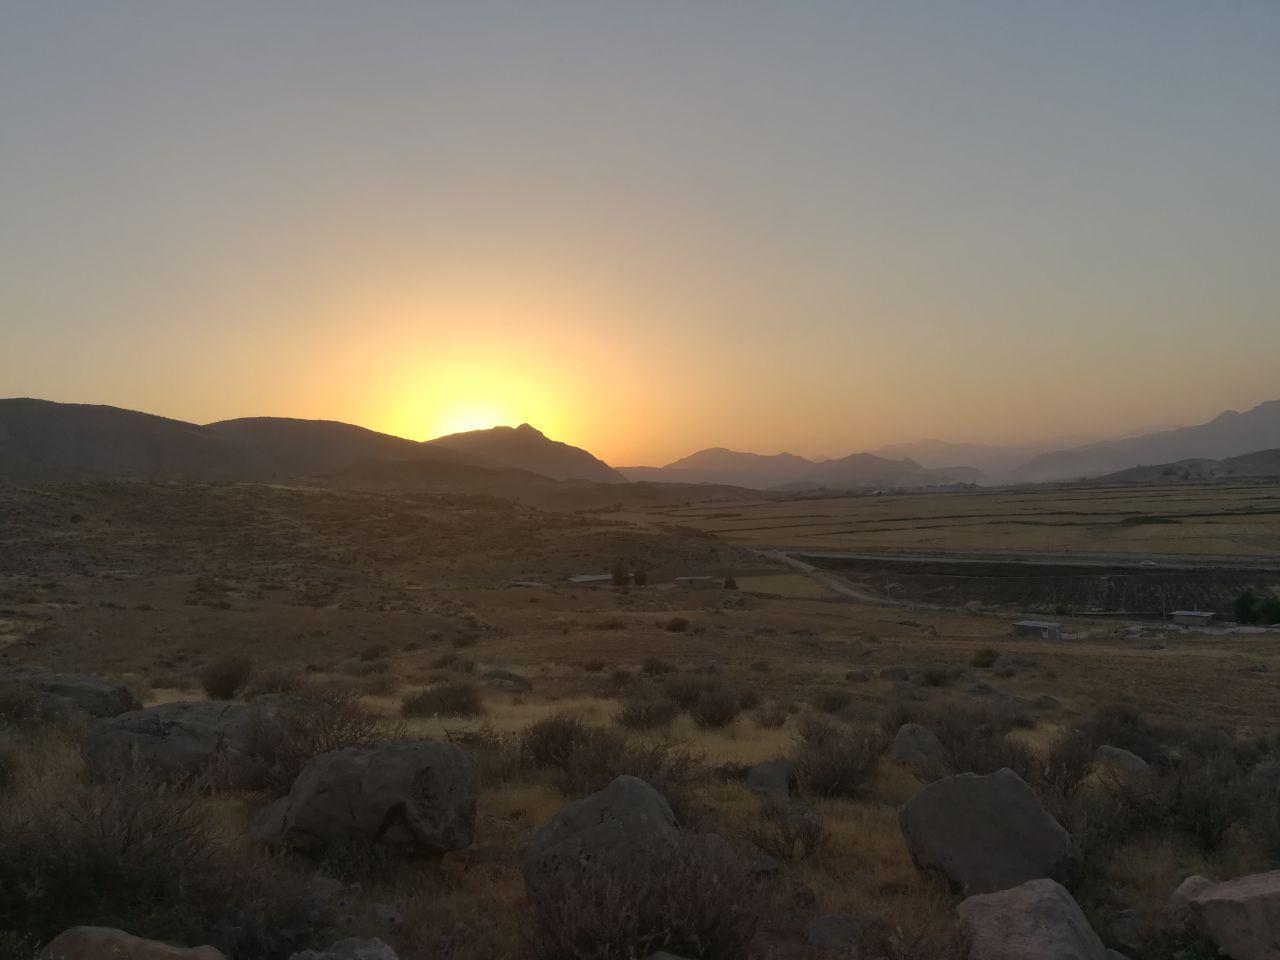 غروب زیبا در روستای پادراز جاوید شهرستان ممسنی